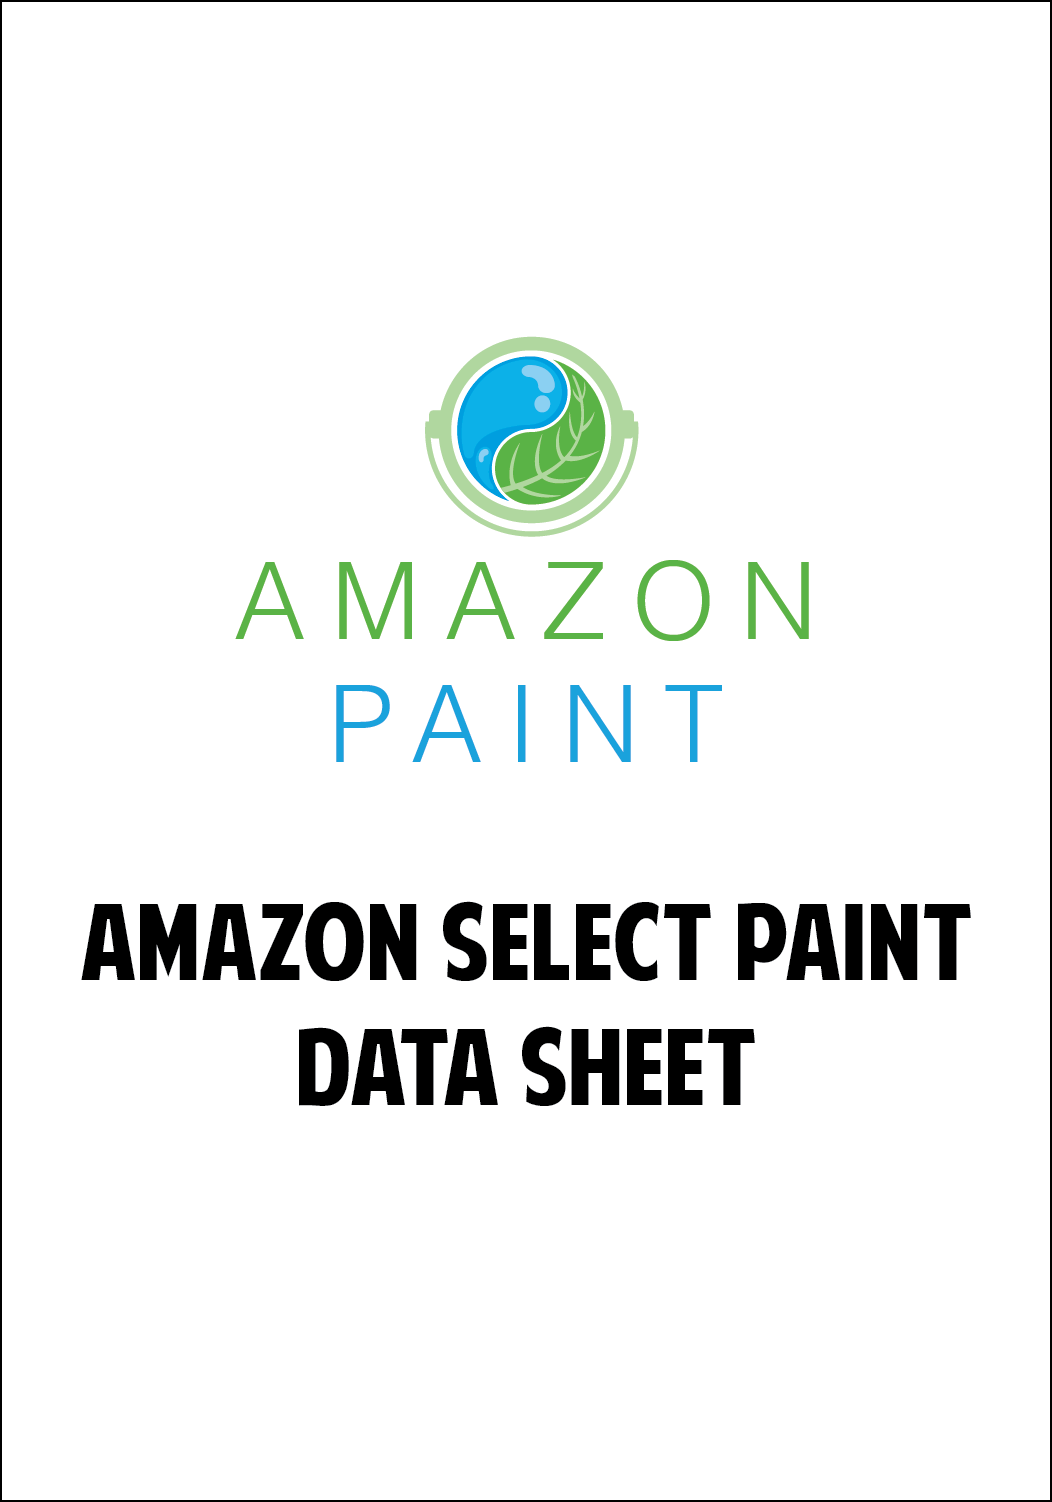 Amazon Select Paint Data Sheet